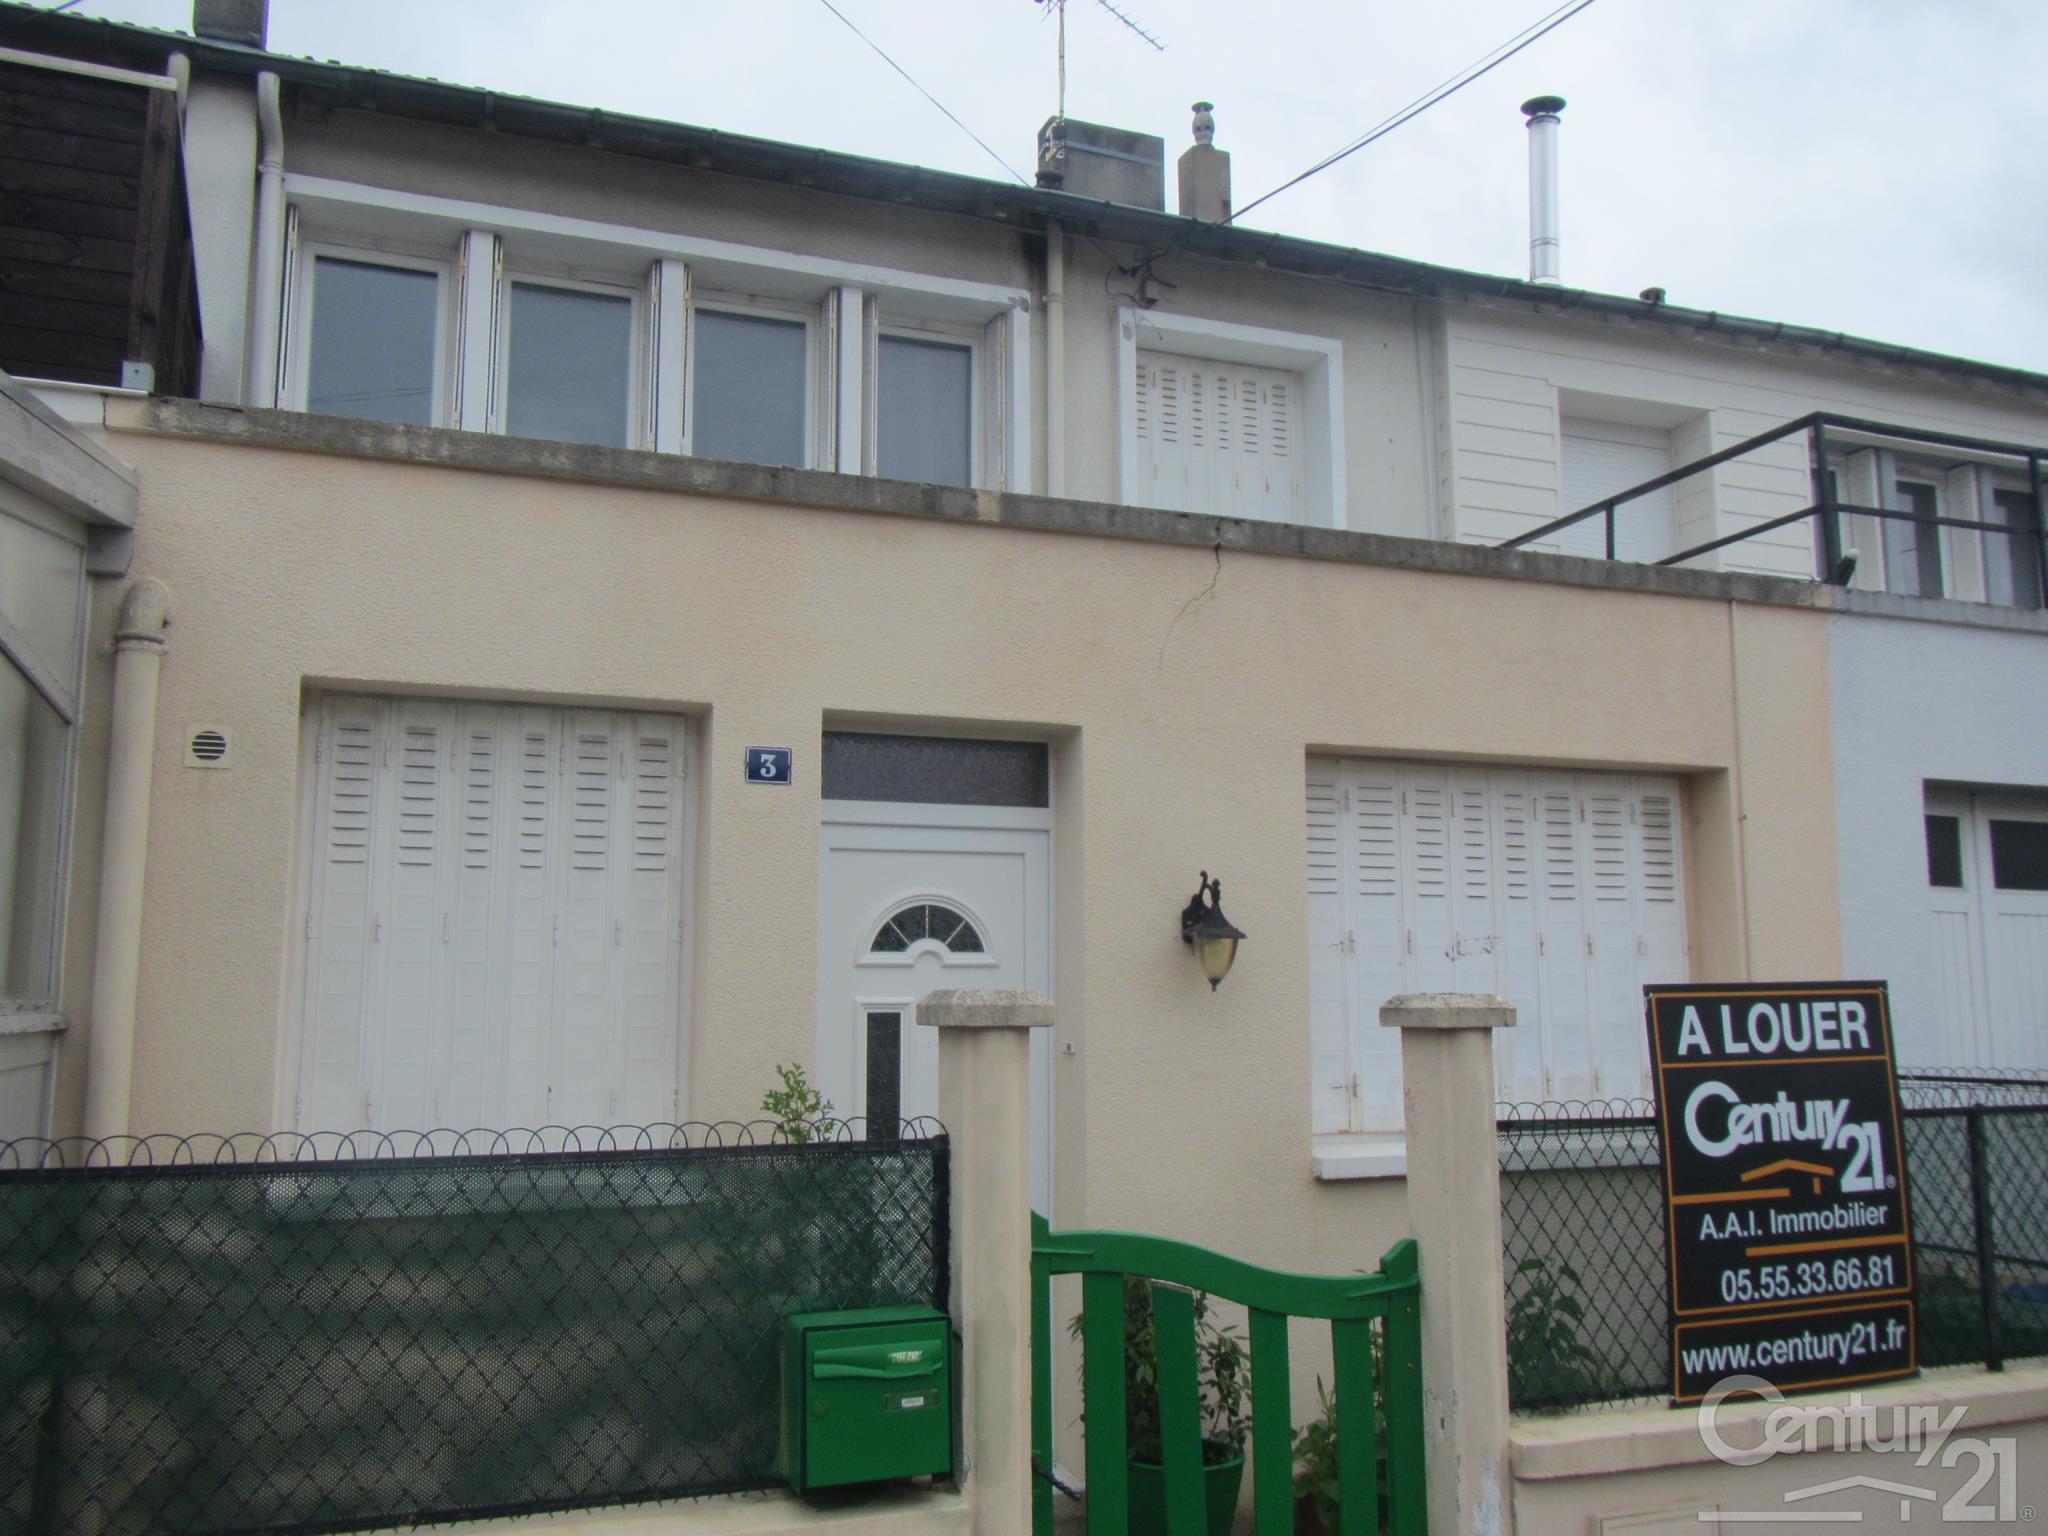 Annonce location maison limoges 87000 70 m 510 for Location maison limoges 87